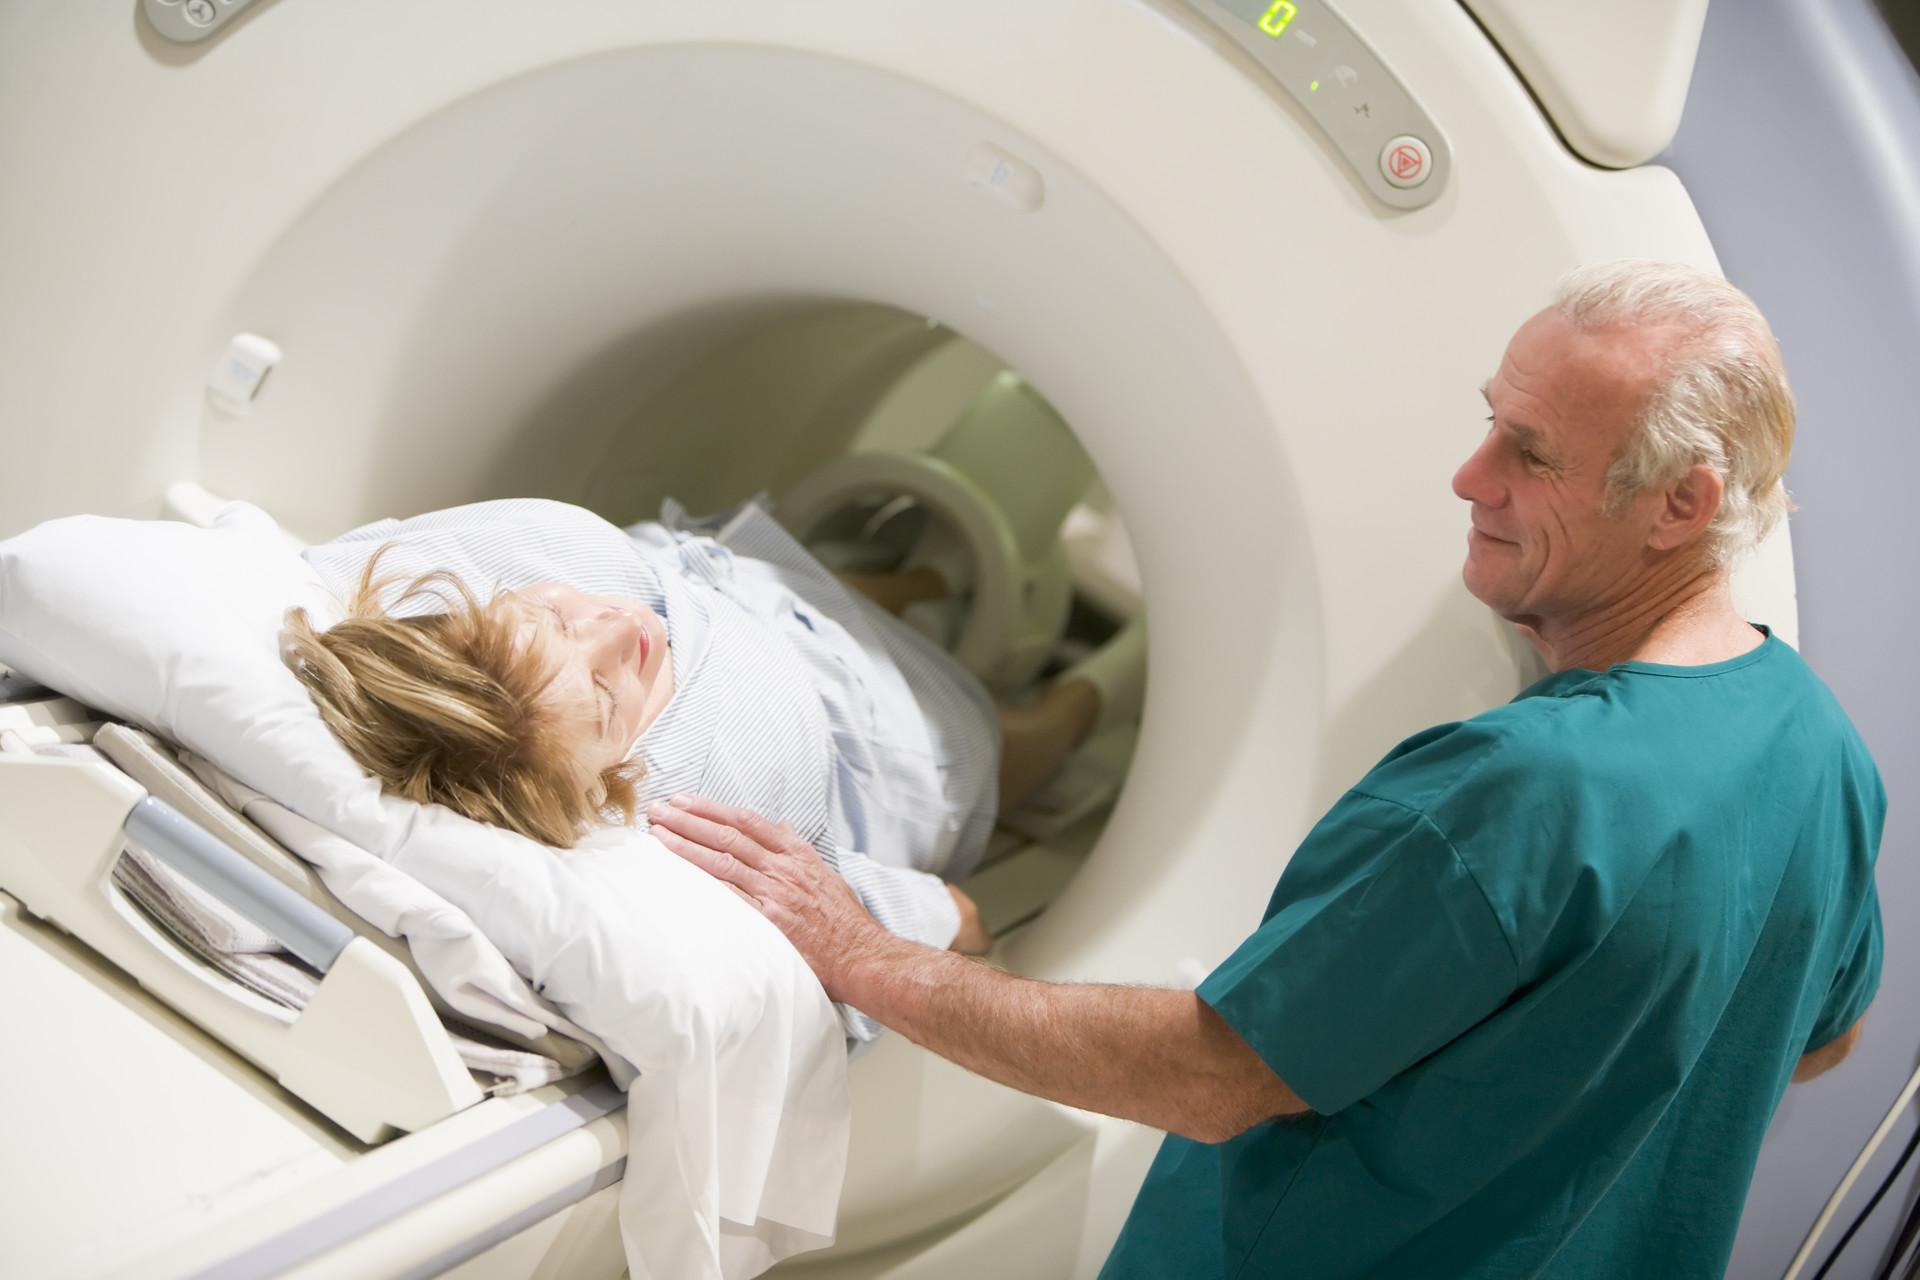 CT scan, xray, imaging